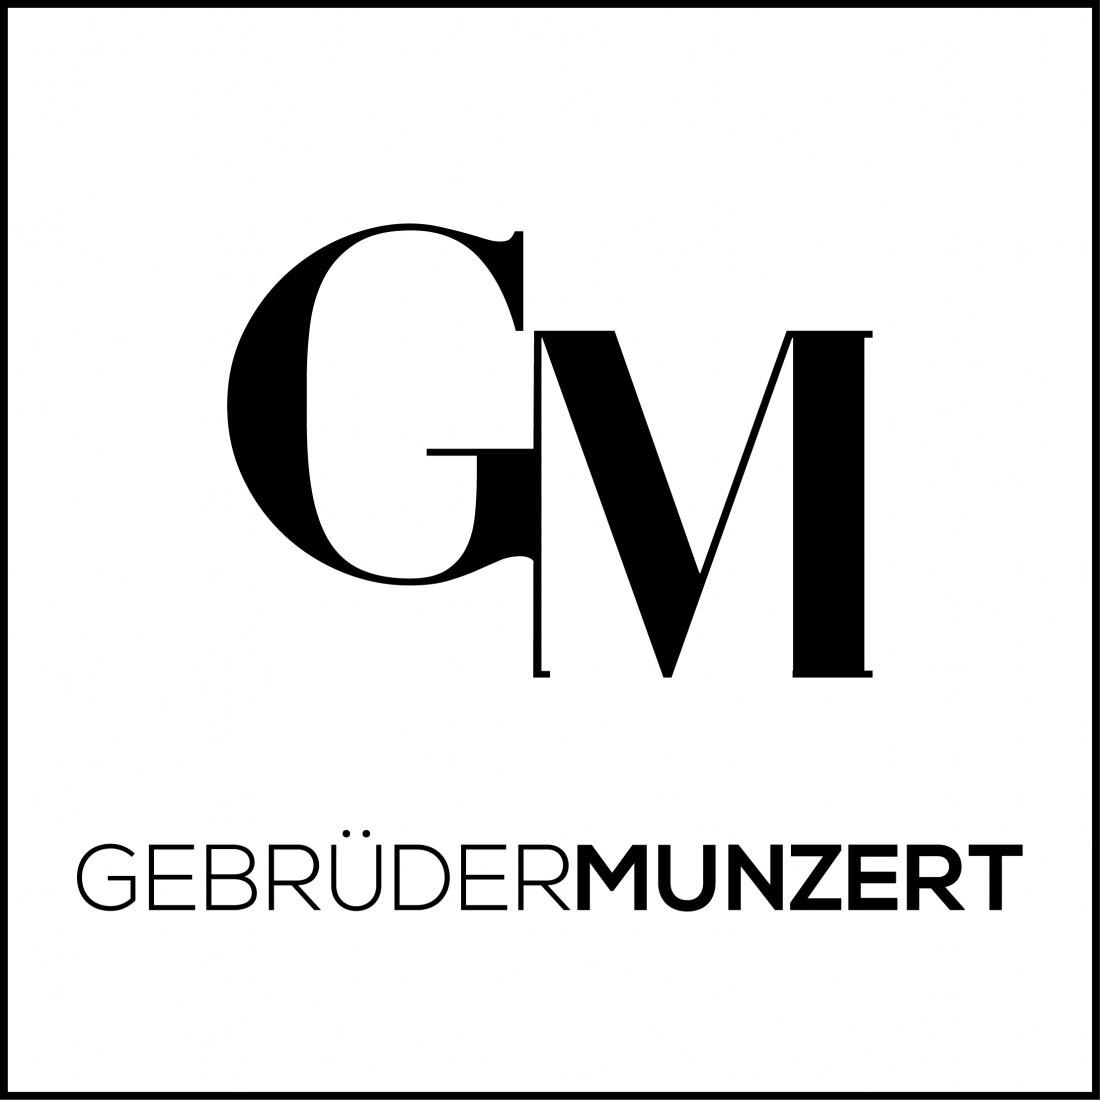 Gebr. Munzert GmbH & Co. KG